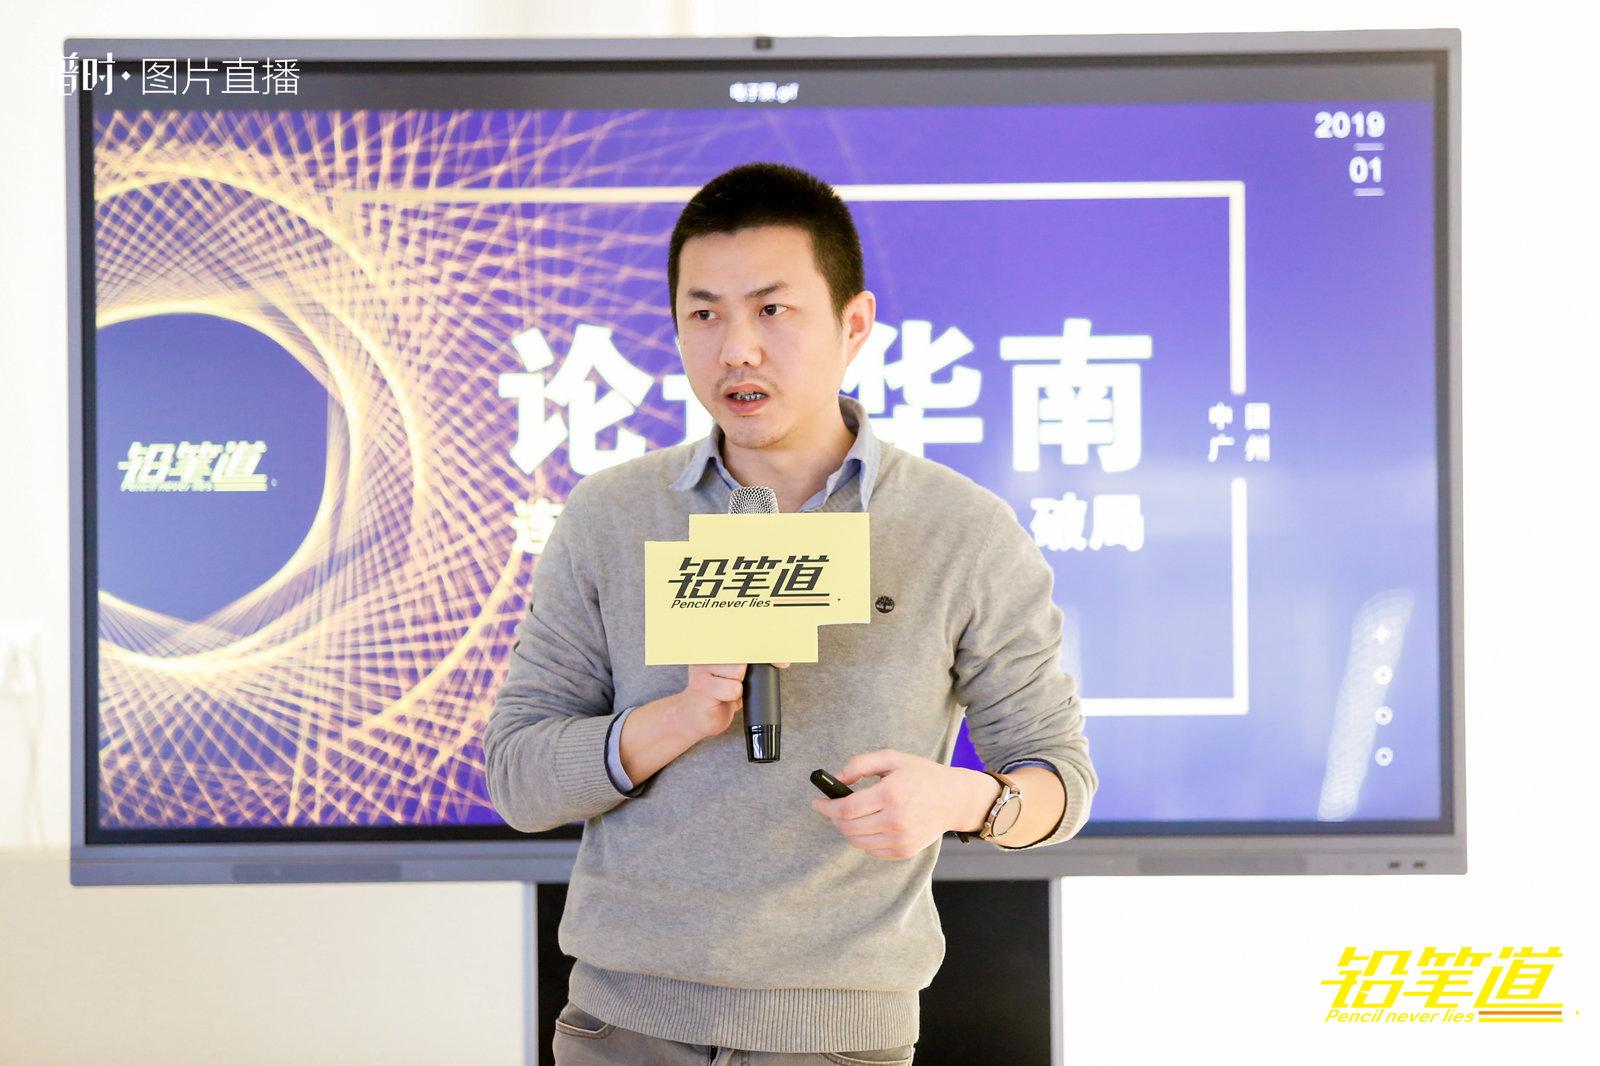 图普科技创始人兼CEO李明强